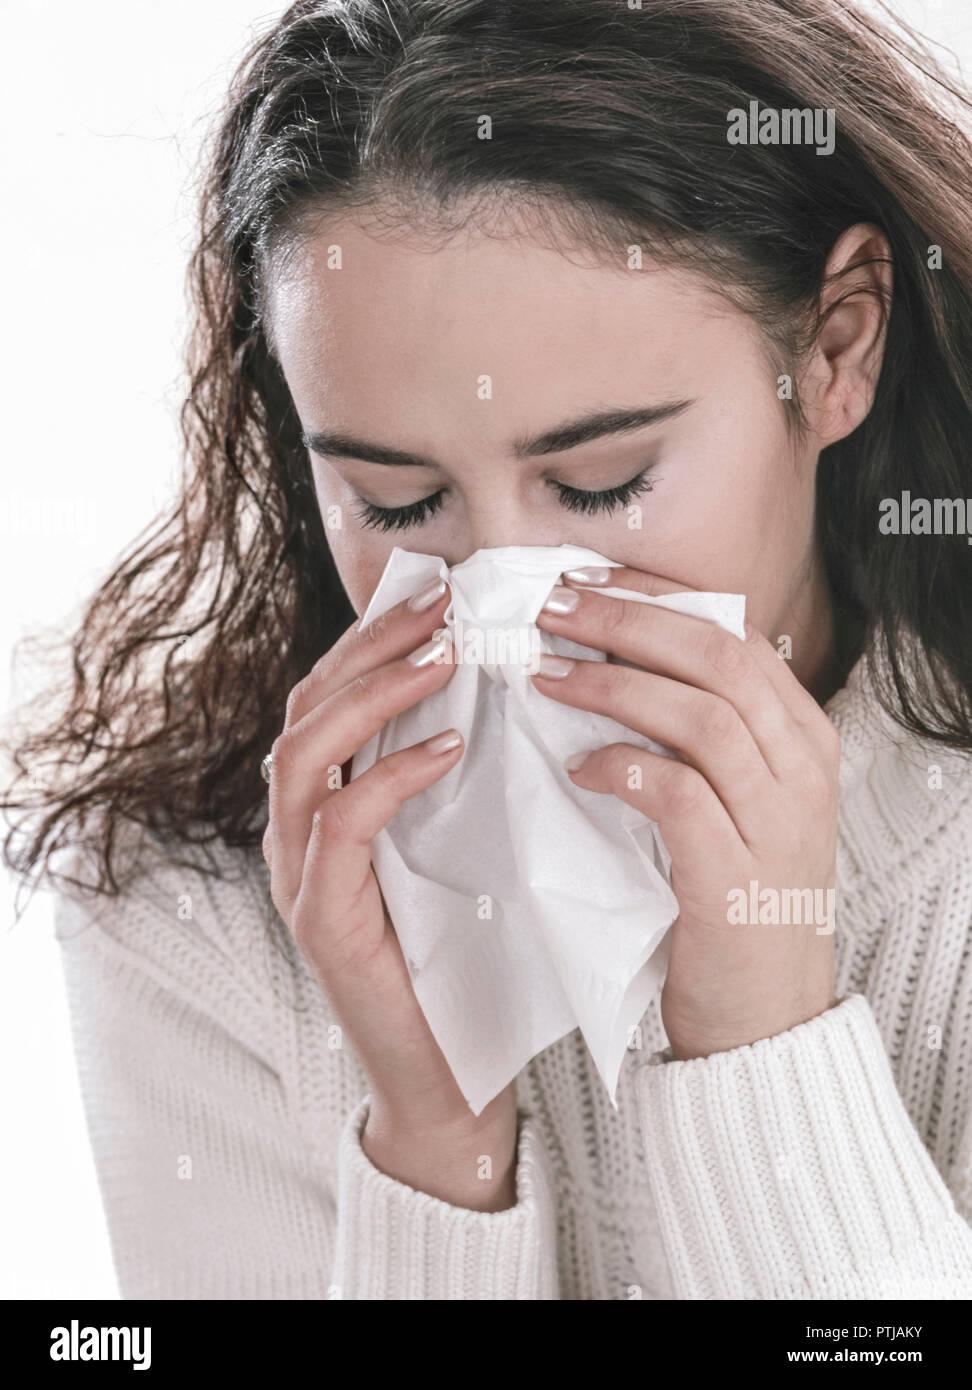 Erkaeltete junge Frau schnaeuzt in ein Papiertaschentuch (Modellfreigabe) Stock Photo